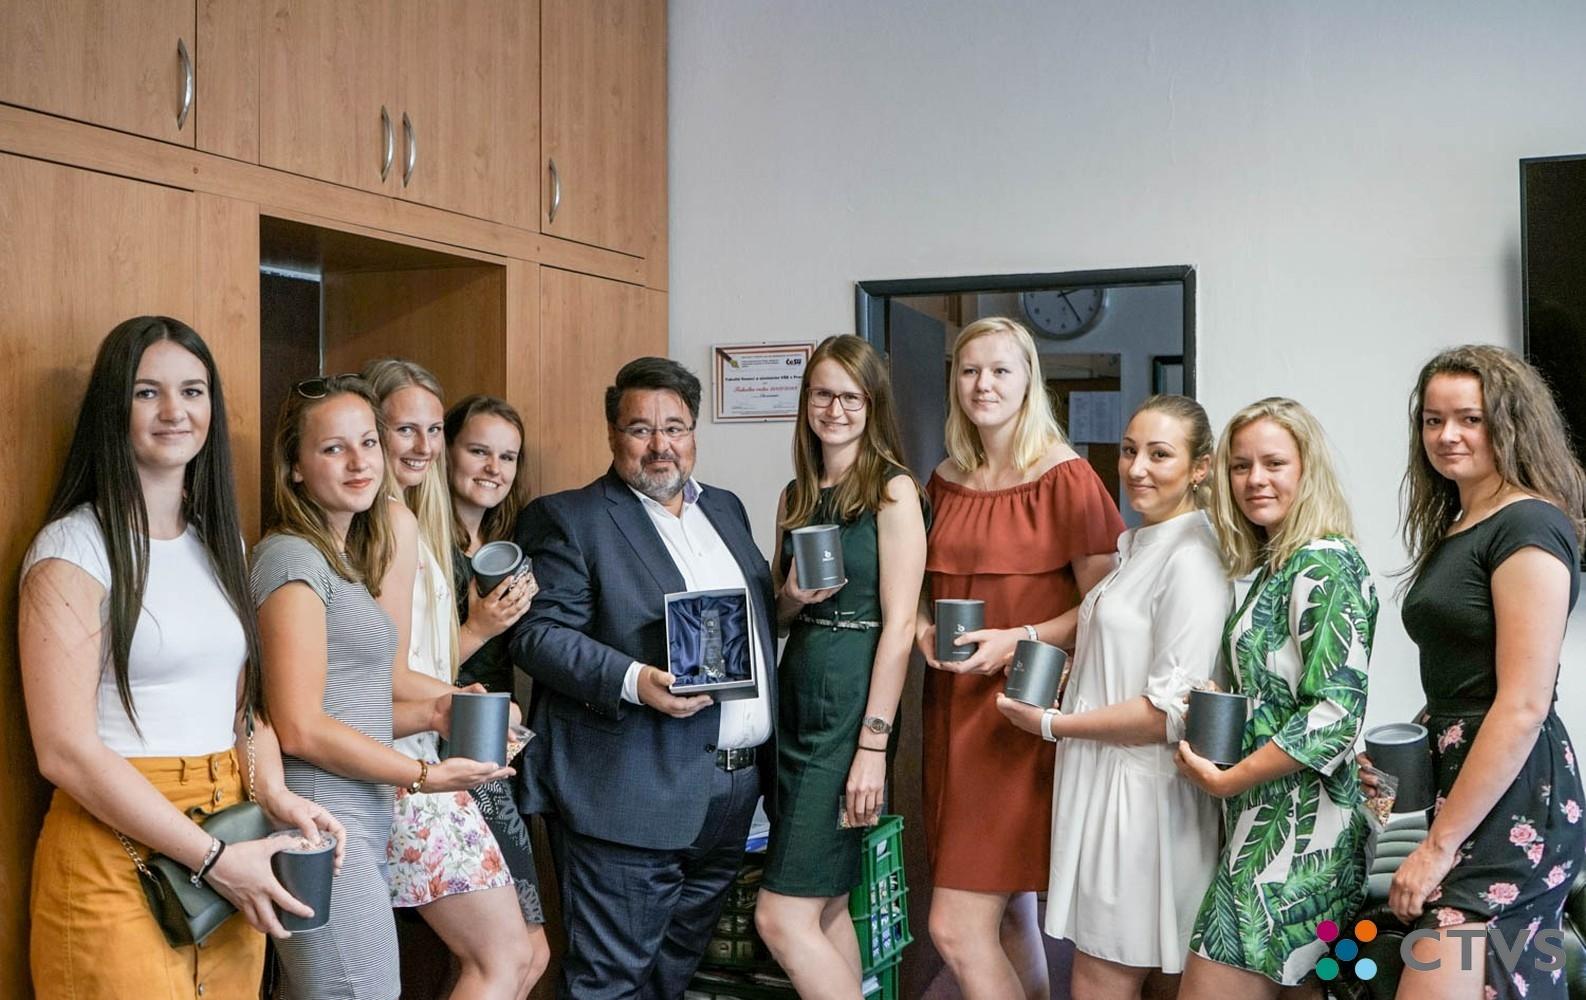 Setkání doc. Ing. L. Mejzlíka, Ph.D. se studentkami FFÚ, vítězným týmem 7. ročníku VL VŠE